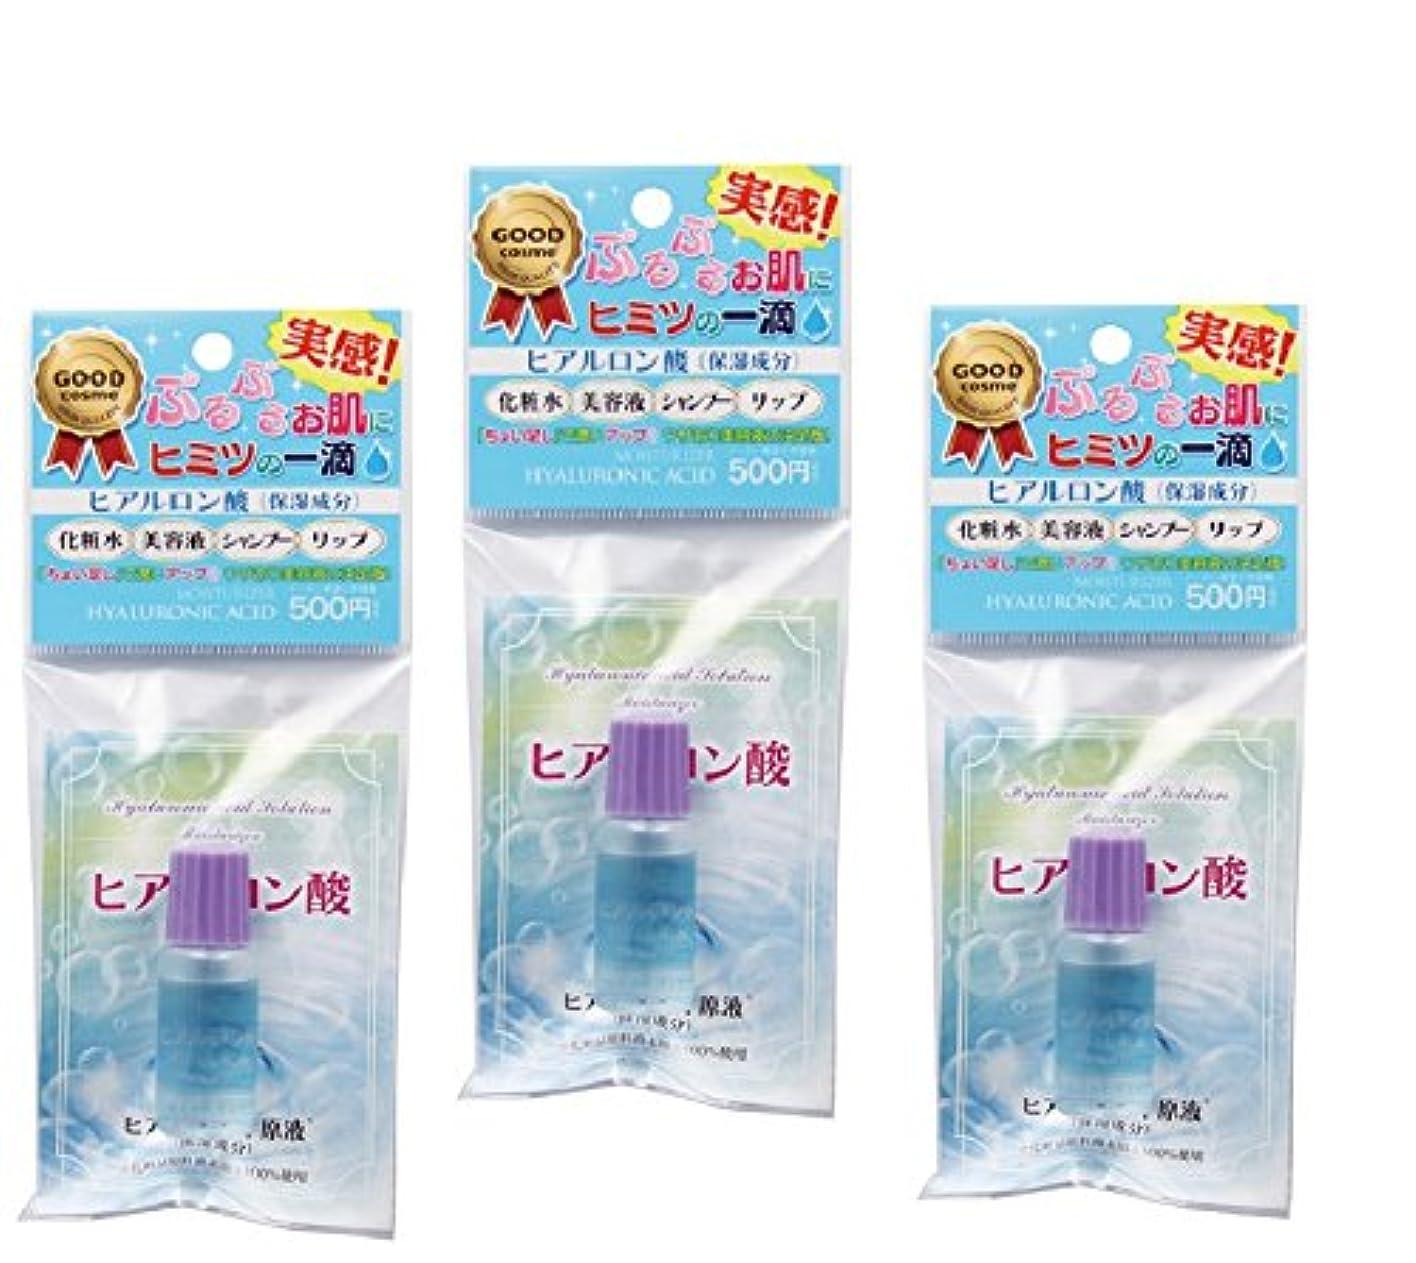 ヒアルロン酸水溶液 10ml 3個セット 訳あり パッケージ汚れ